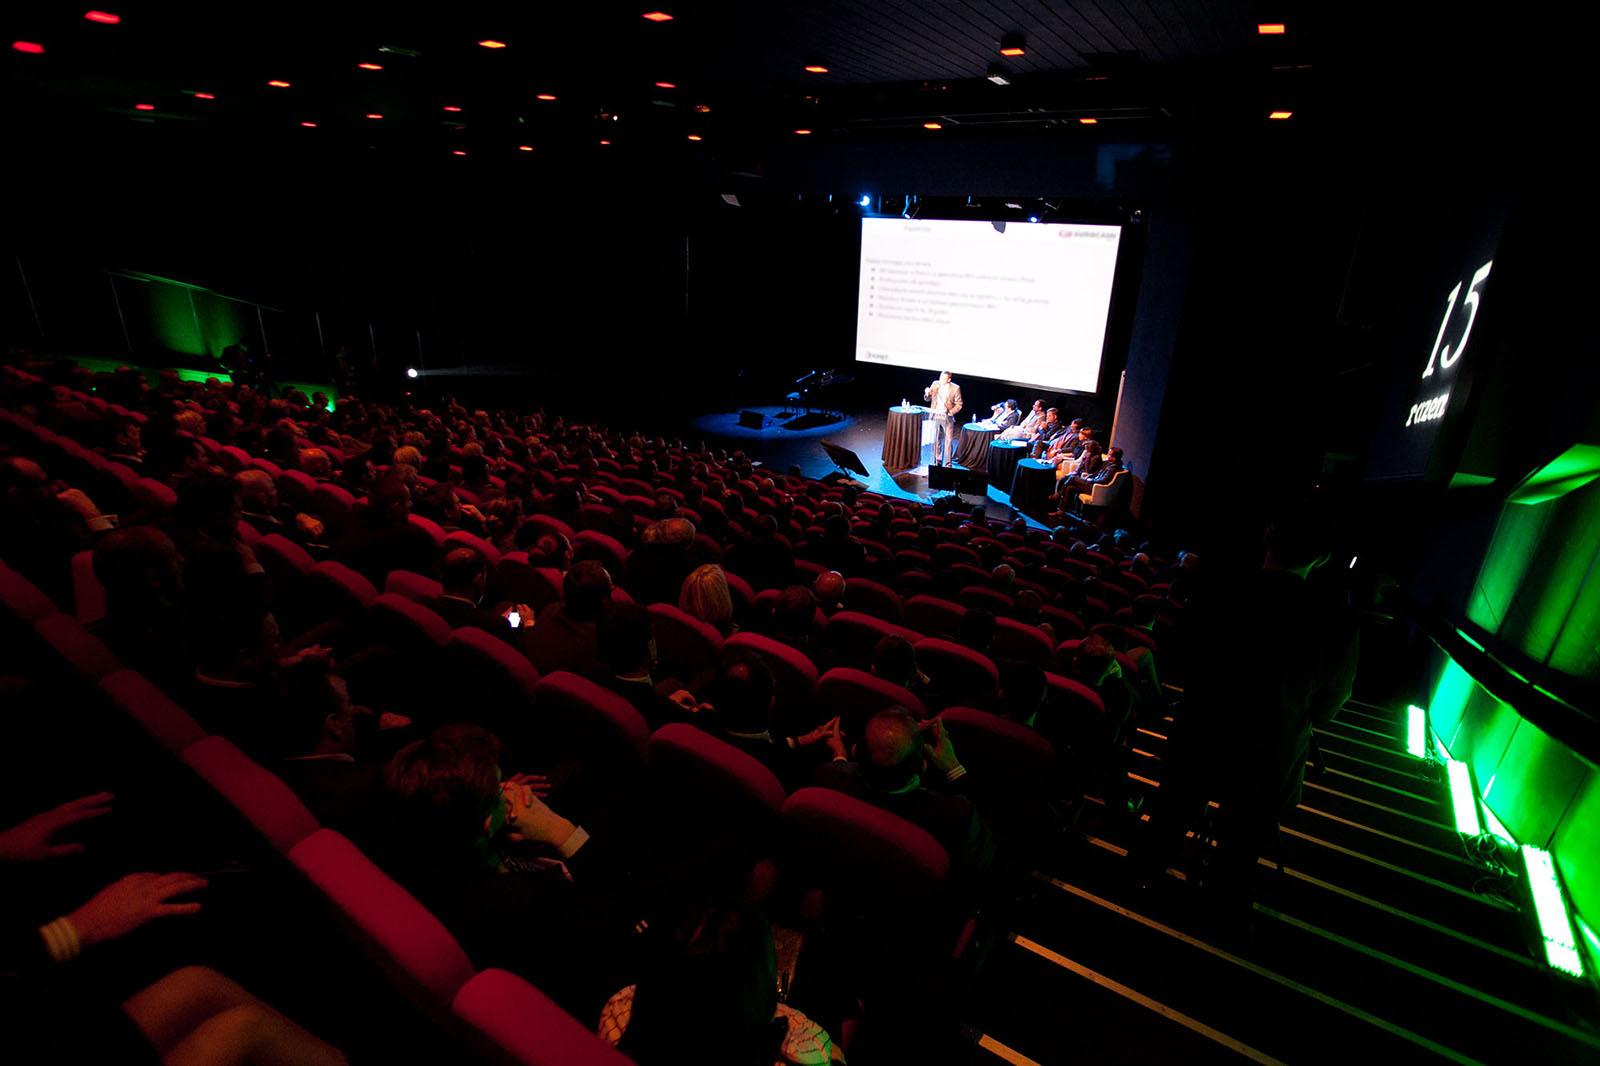 Spotkanie w sali teatralnej organizowane przez Relago